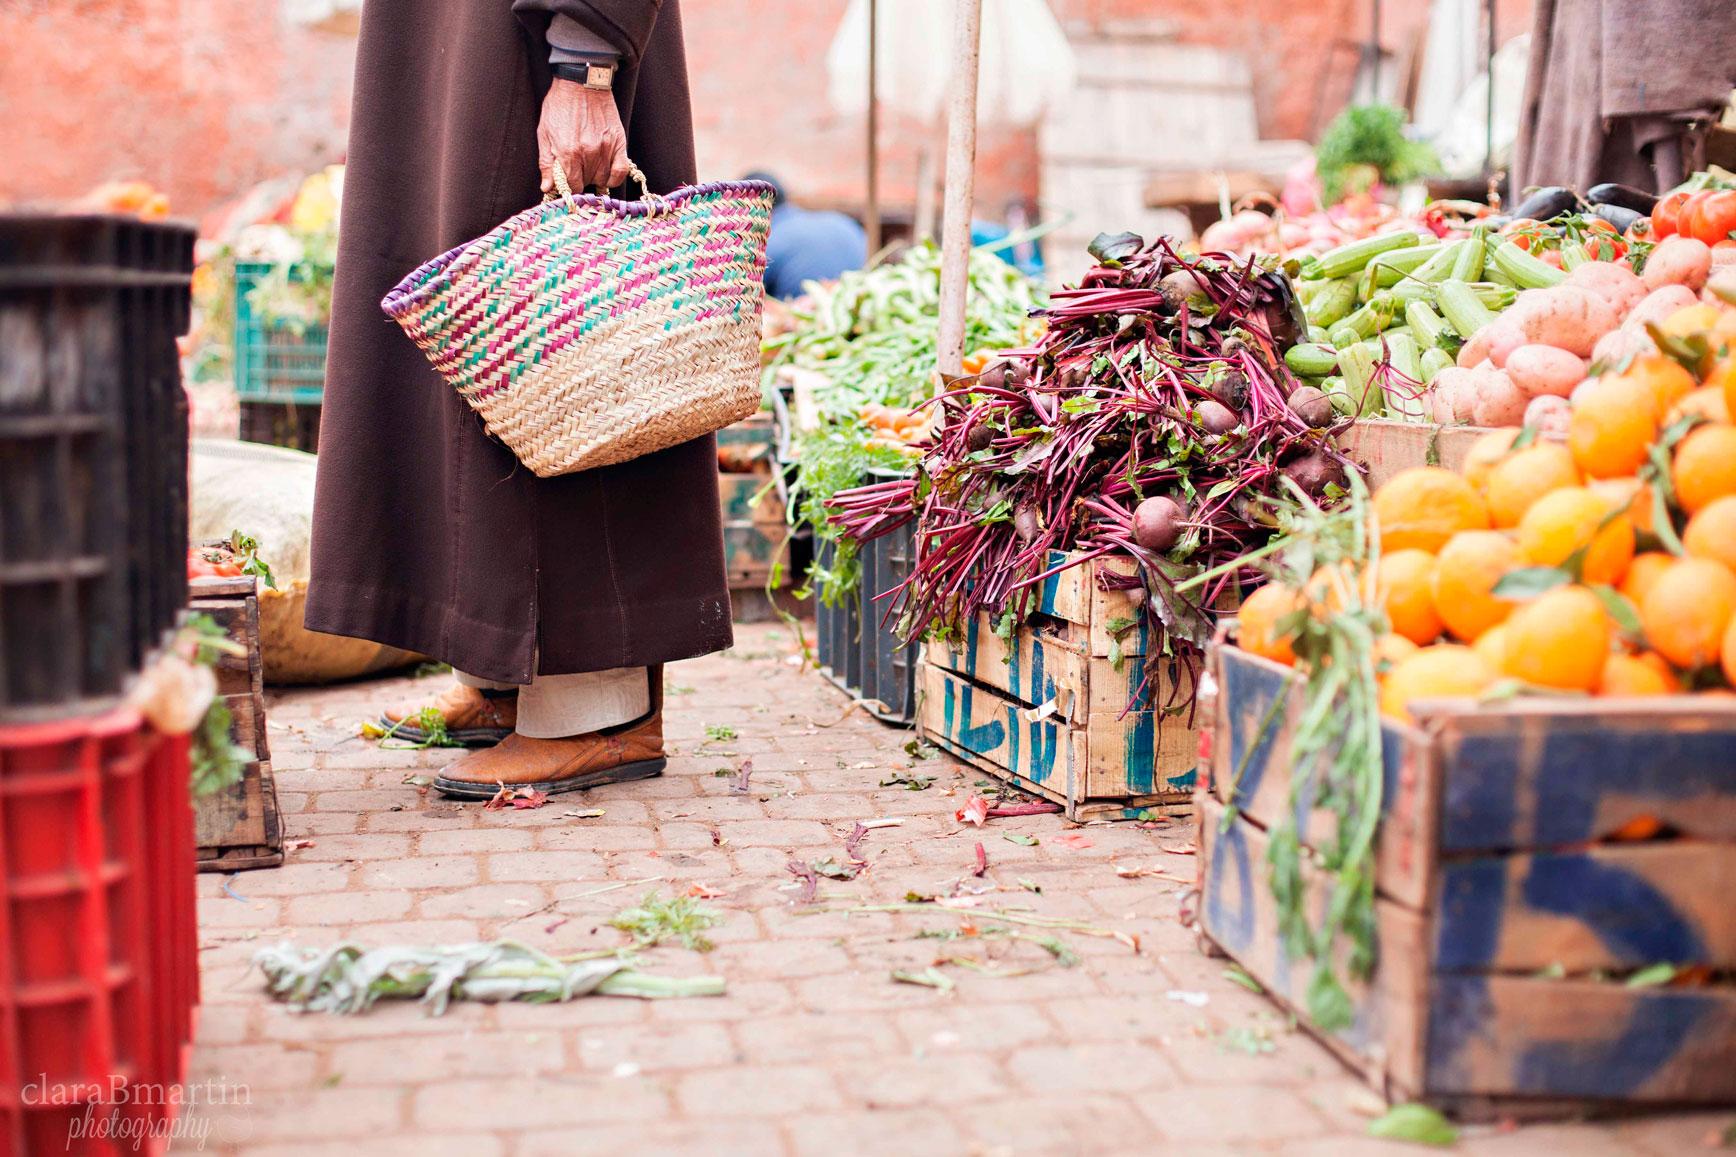 Marrakech_claraBmartin_12